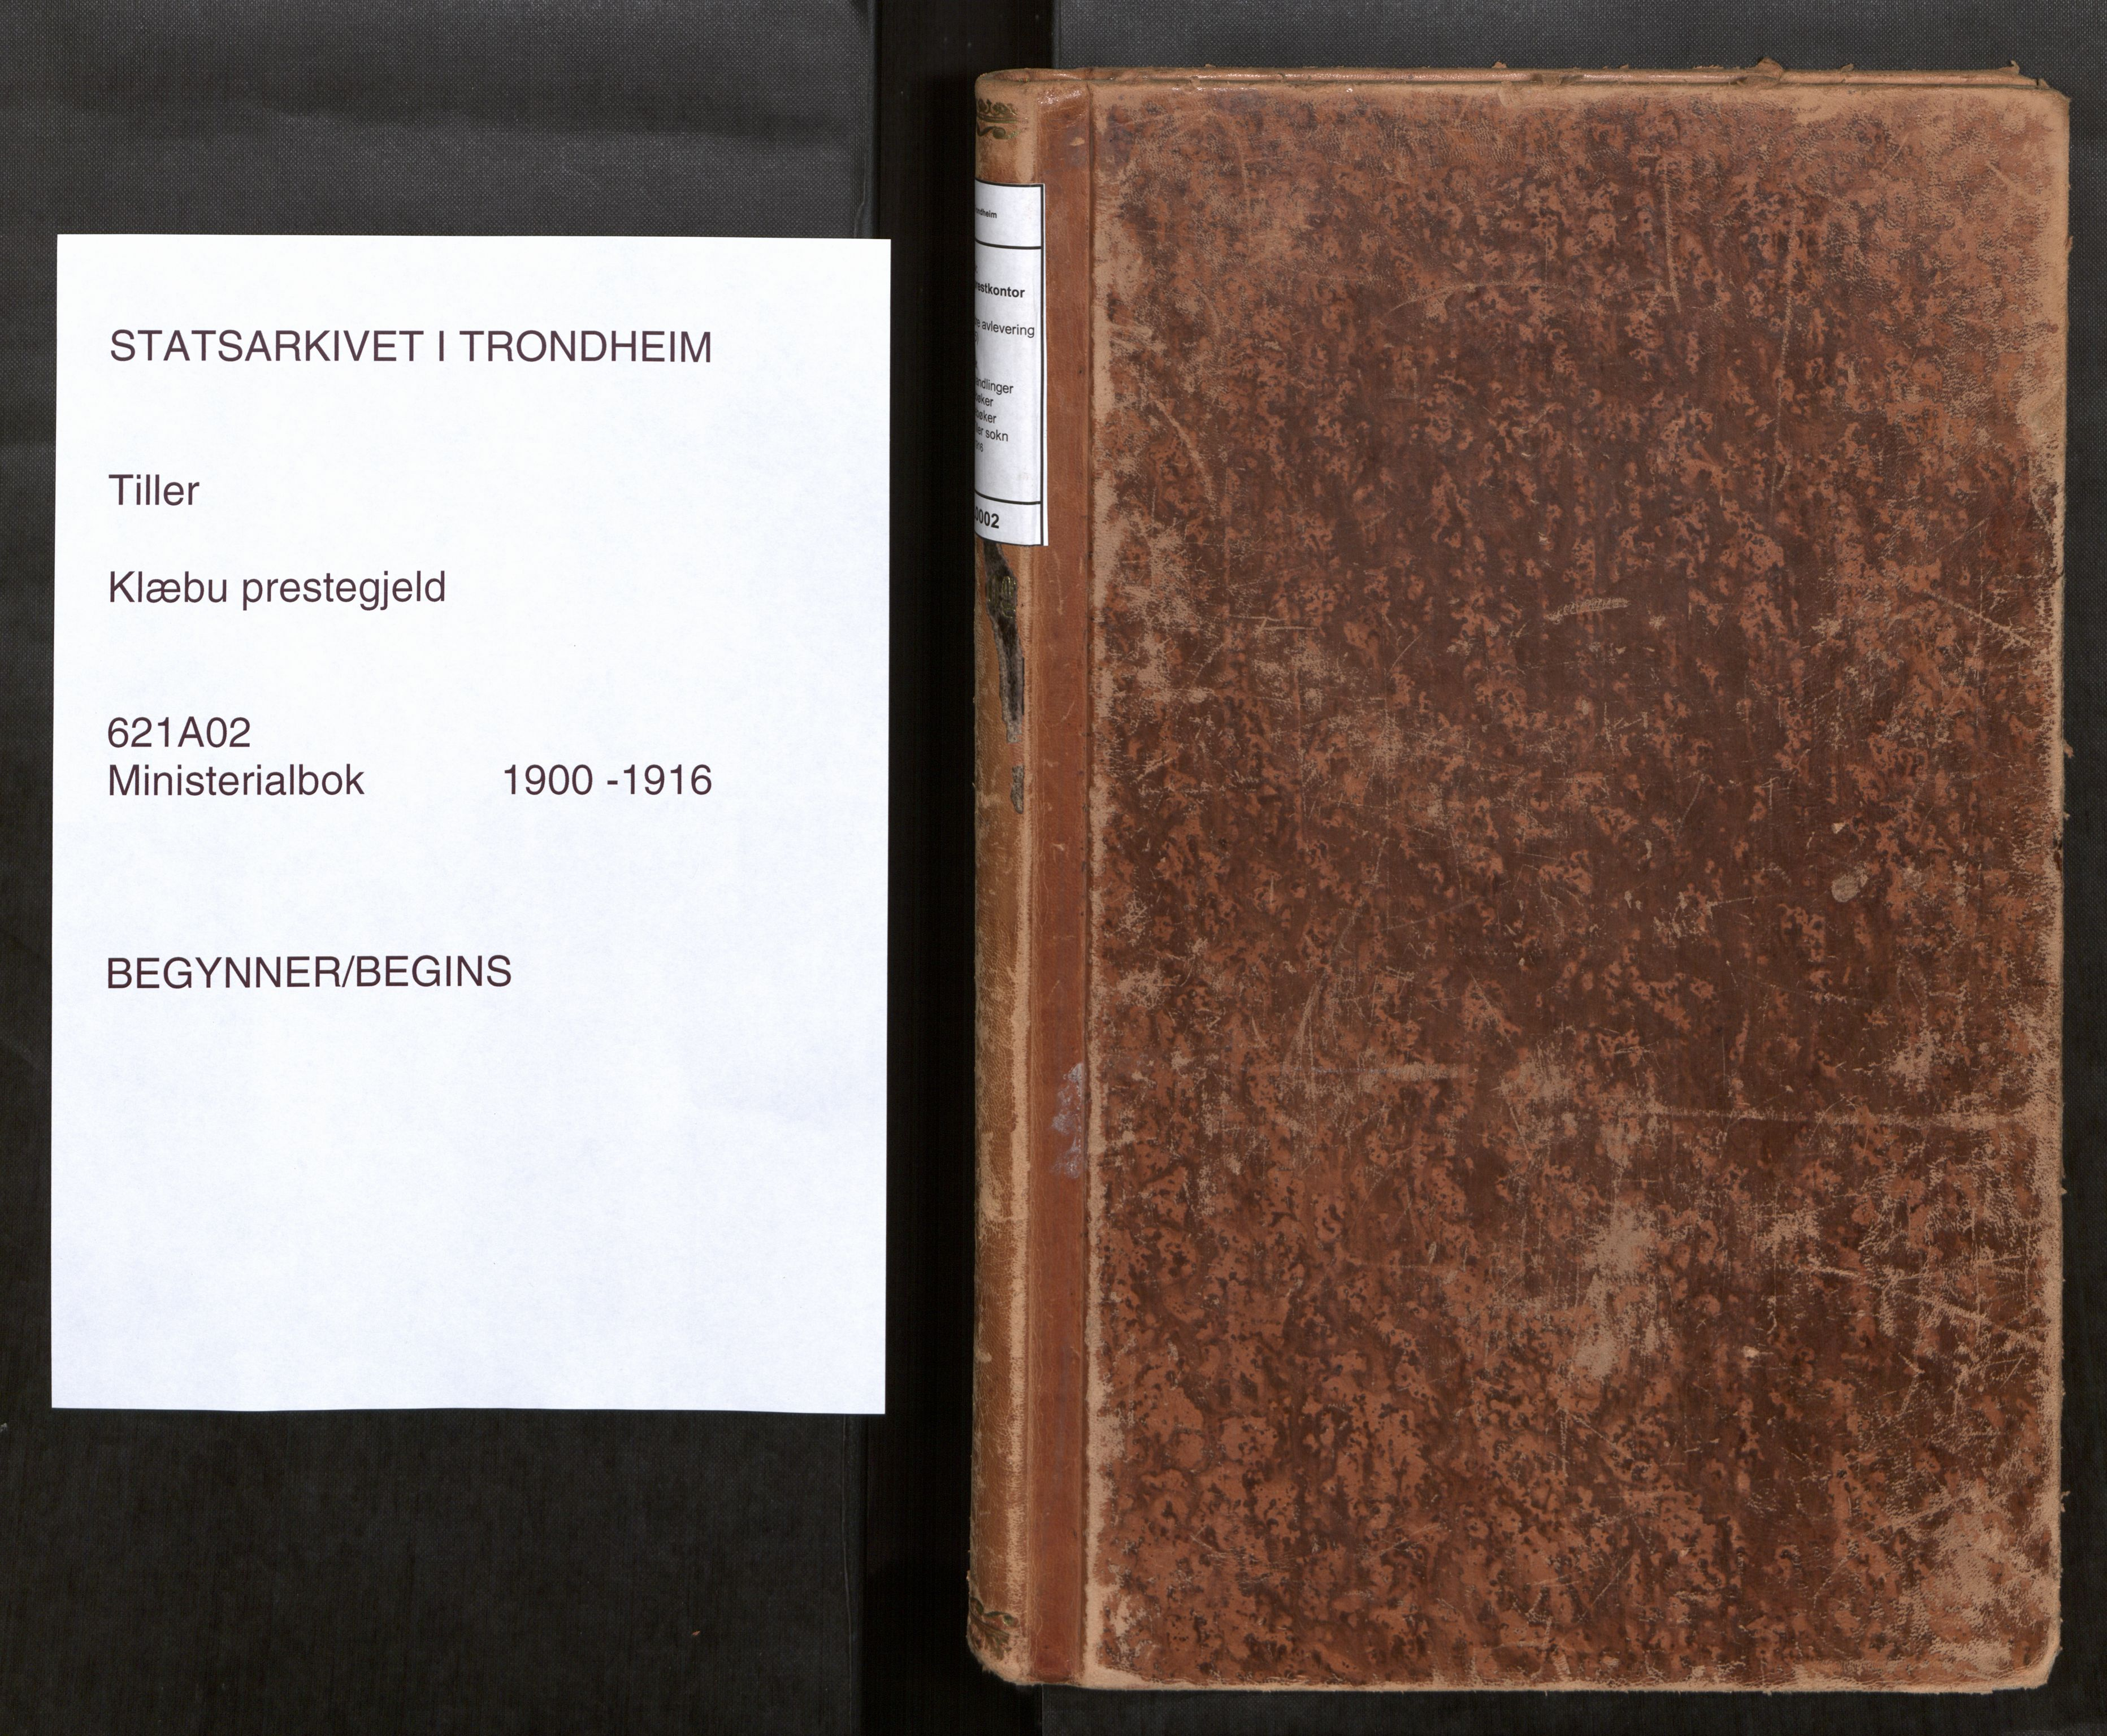 SAT, Klæbu sokneprestkontor, Parish register (official) no. 2, 1900-1916